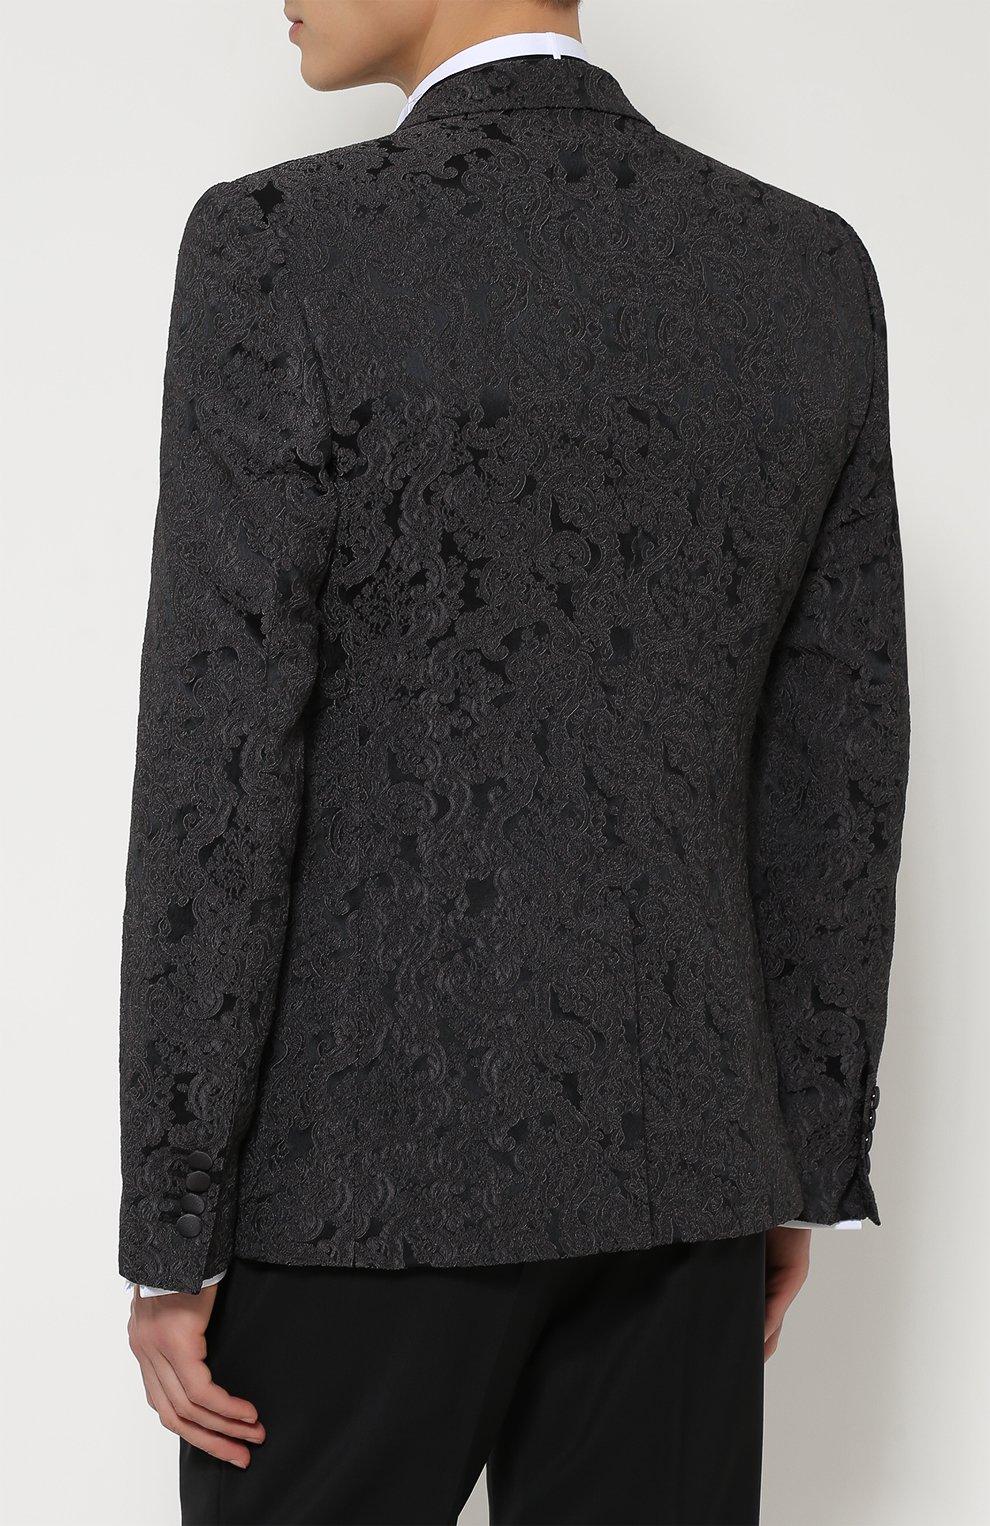 Однобортный приталенный пиджак с вышивкой Dolce & Gabbana темно-серый | Фото №4